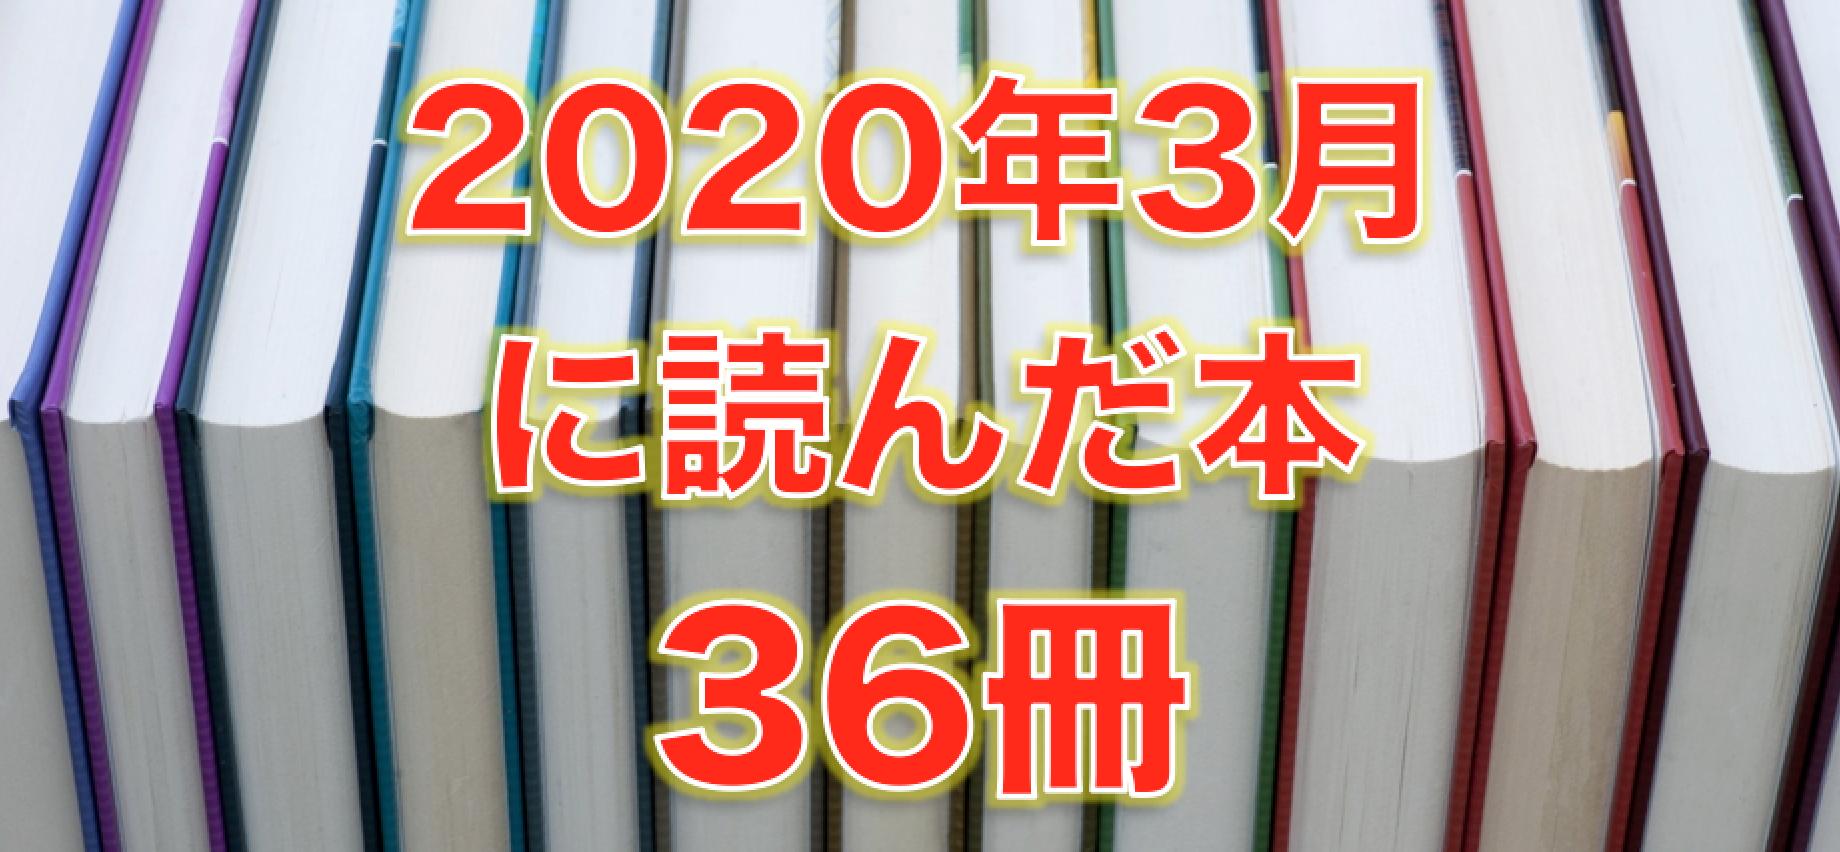 2020年3月に読んだ本36冊。